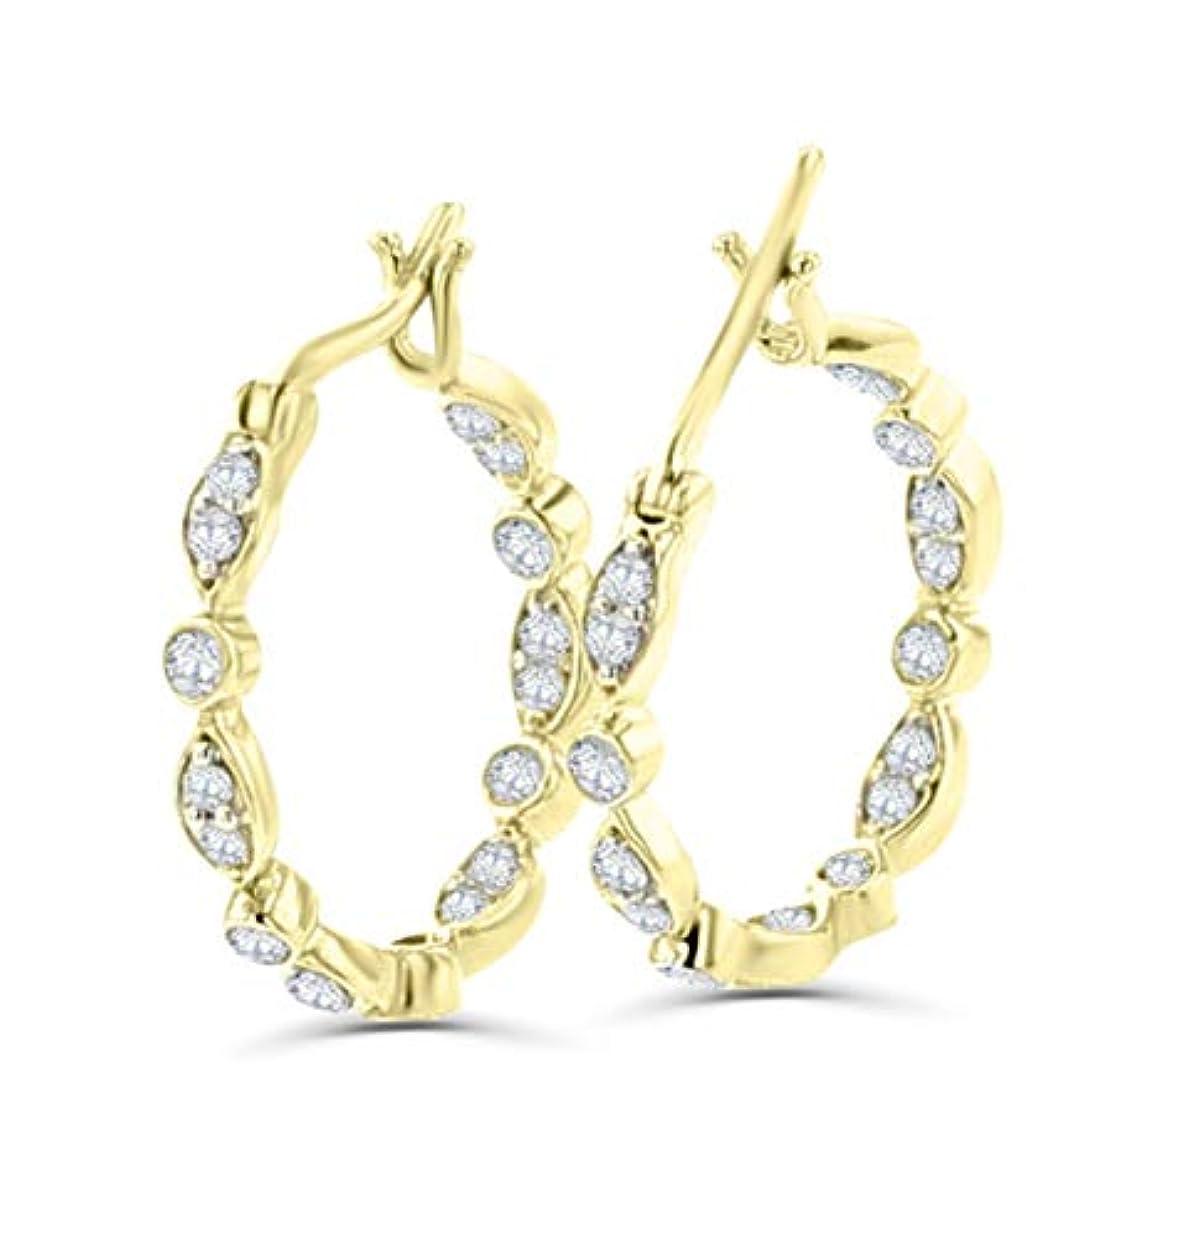 カラス豪華な経済14K ゴールド フープピアス 1/4カラット ダイヤモンド ラウンドパヴェ ダイヤモンド 内外 17mm